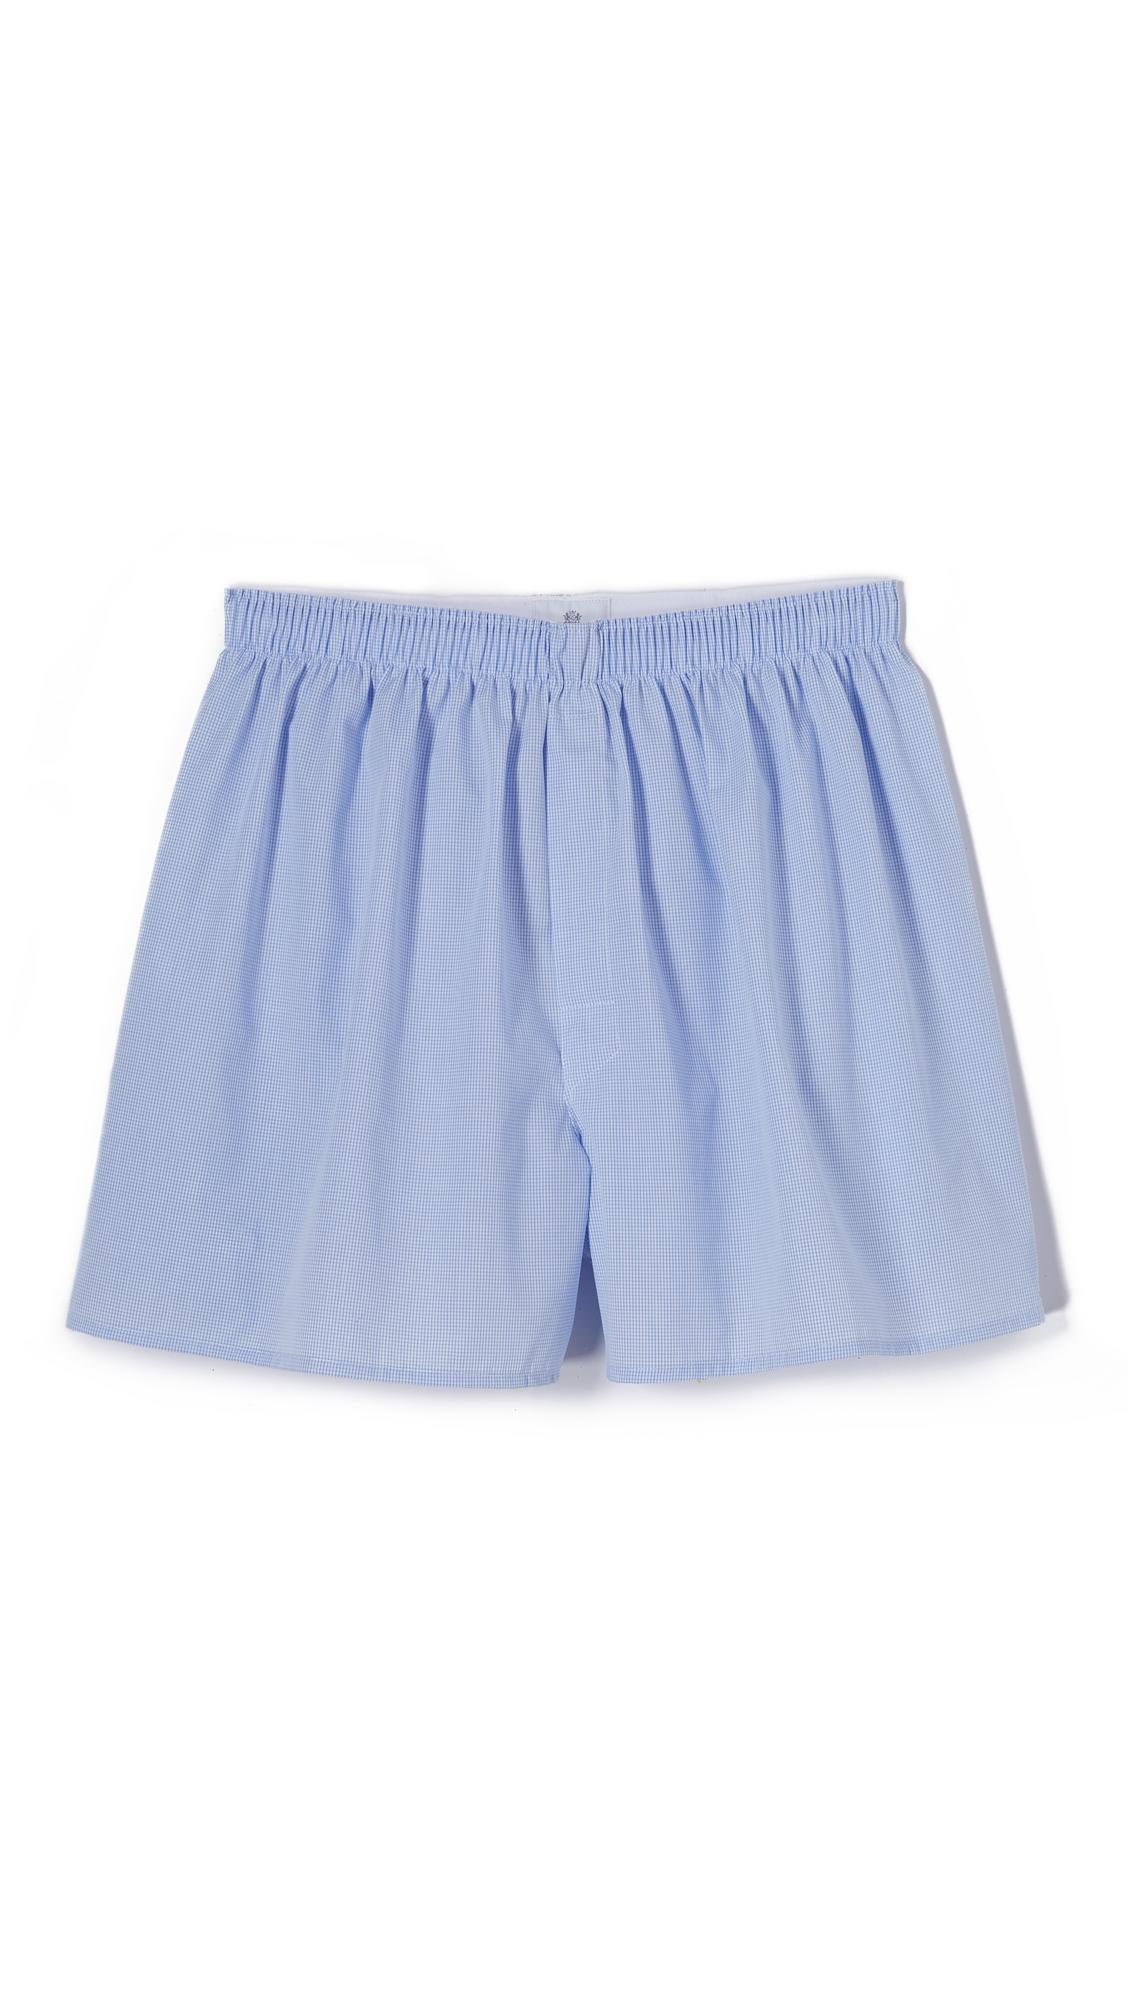 SUNSPEL Cotton Boxer Shorts - Light Blue in White/Navy/Light Pinstripe